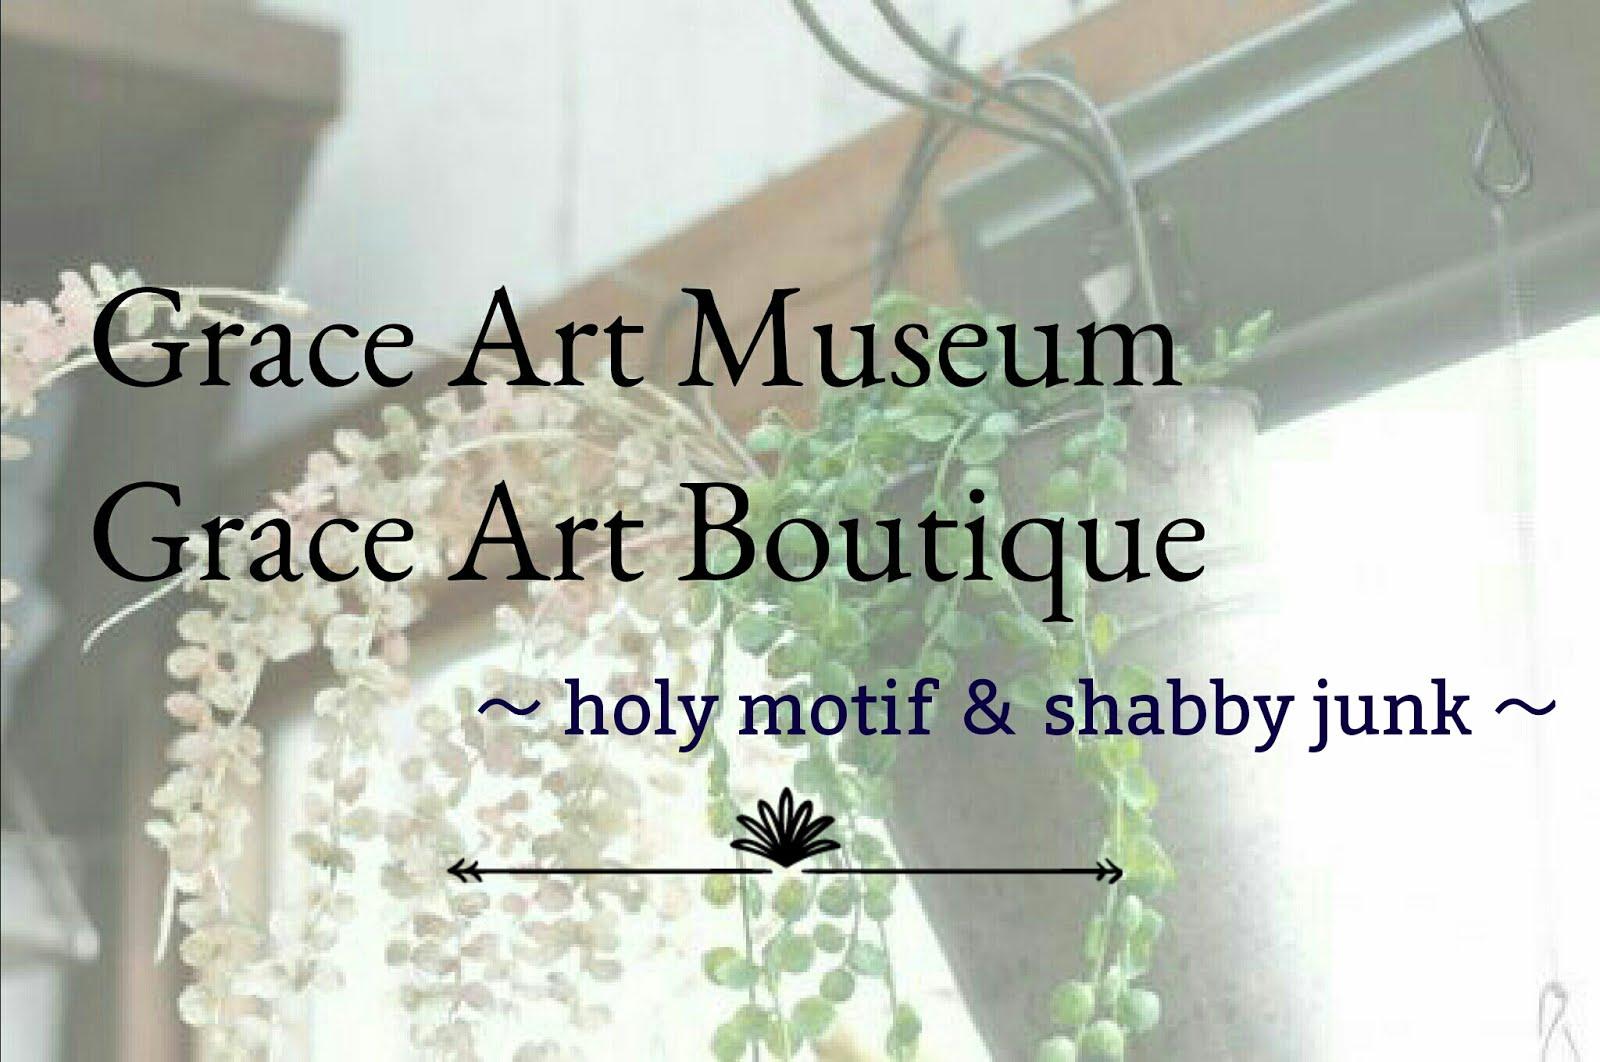 GraceArtMuseum - GraceArtBoutique